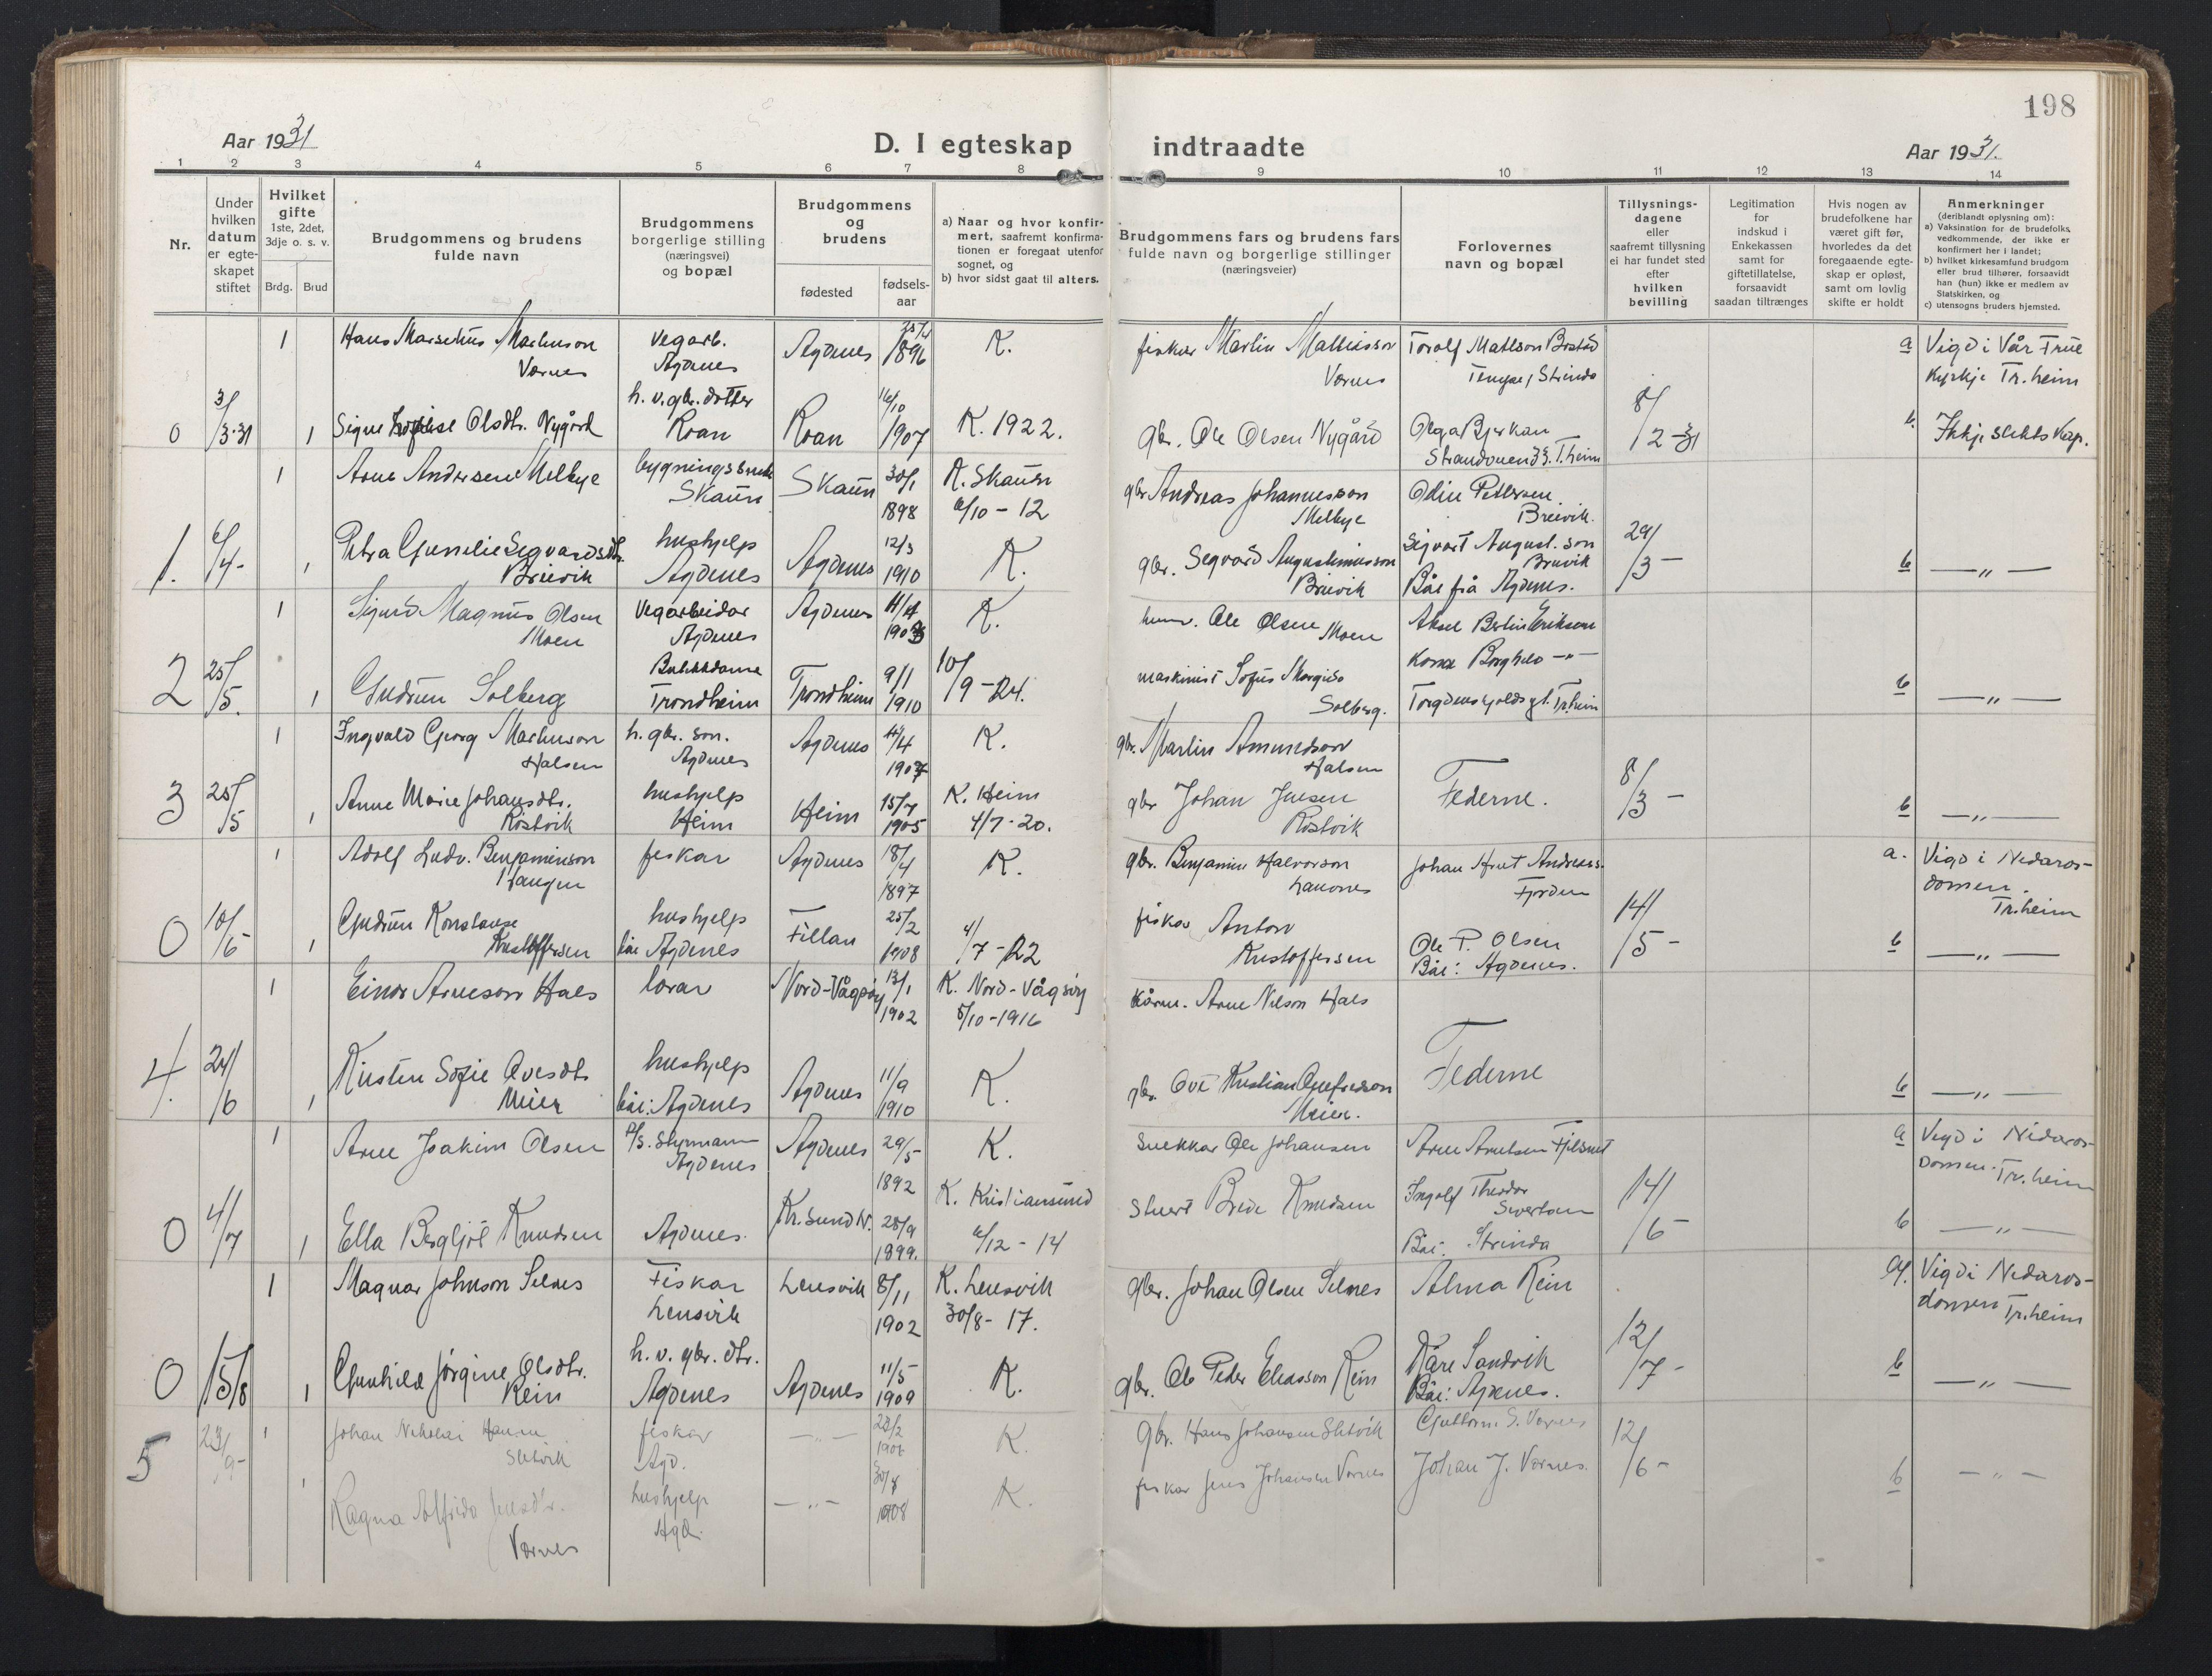 SAT, Ministerialprotokoller, klokkerbøker og fødselsregistre - Sør-Trøndelag, 662/L0758: Klokkerbok nr. 662C03, 1918-1948, s. 198